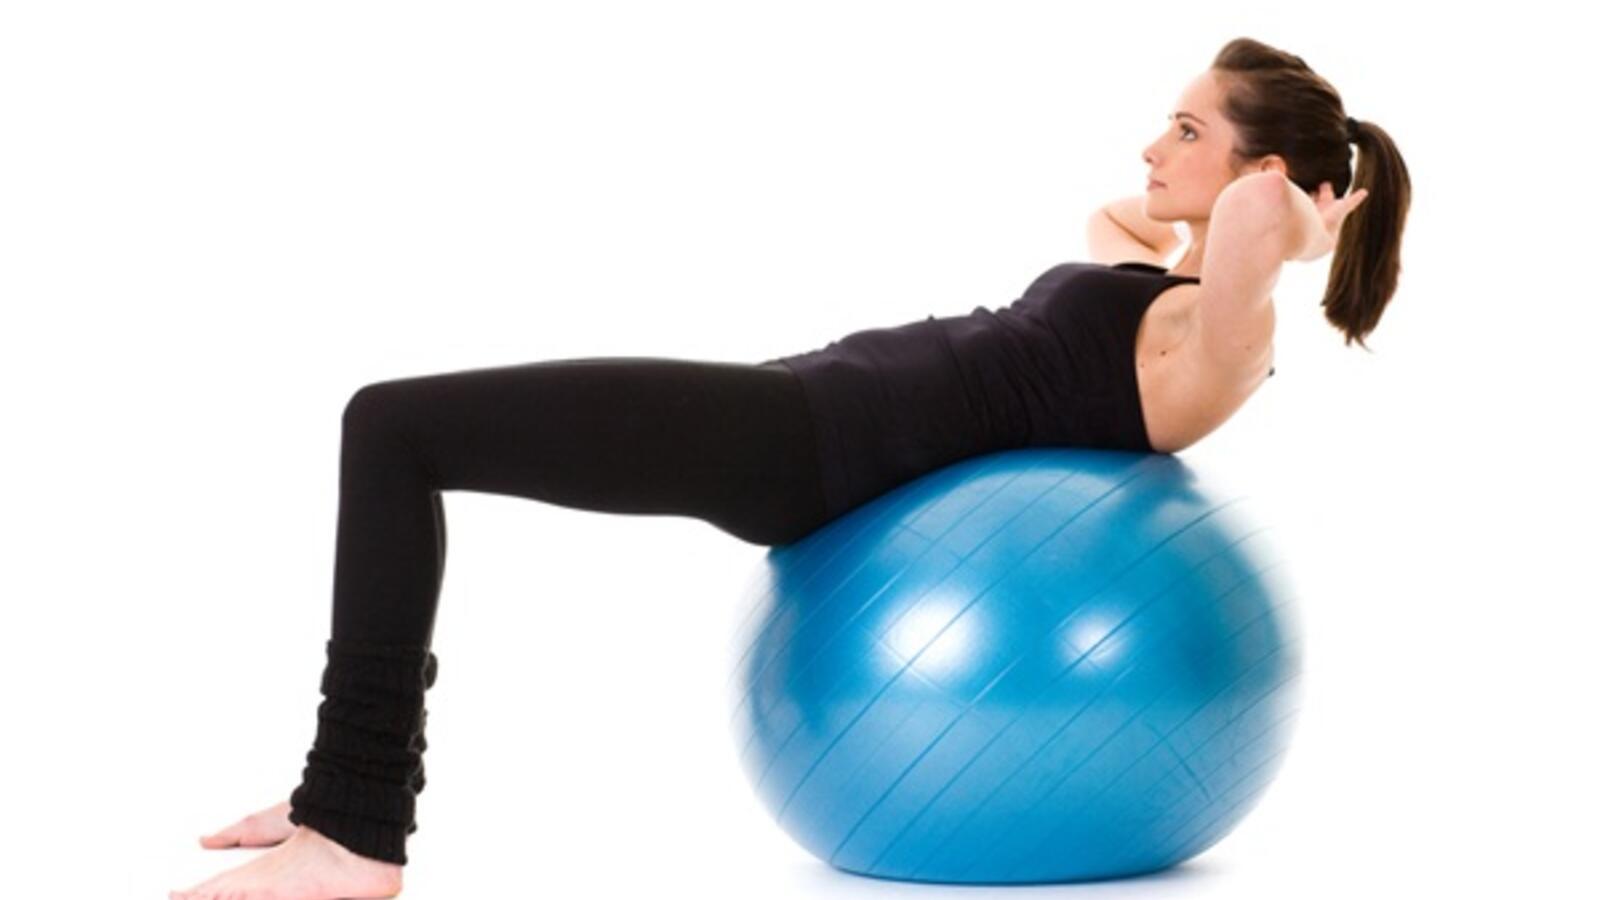 صورة تمارين شد البطن للنساء في اسبوع , افضل انواع التمارين للبطن 10733 9